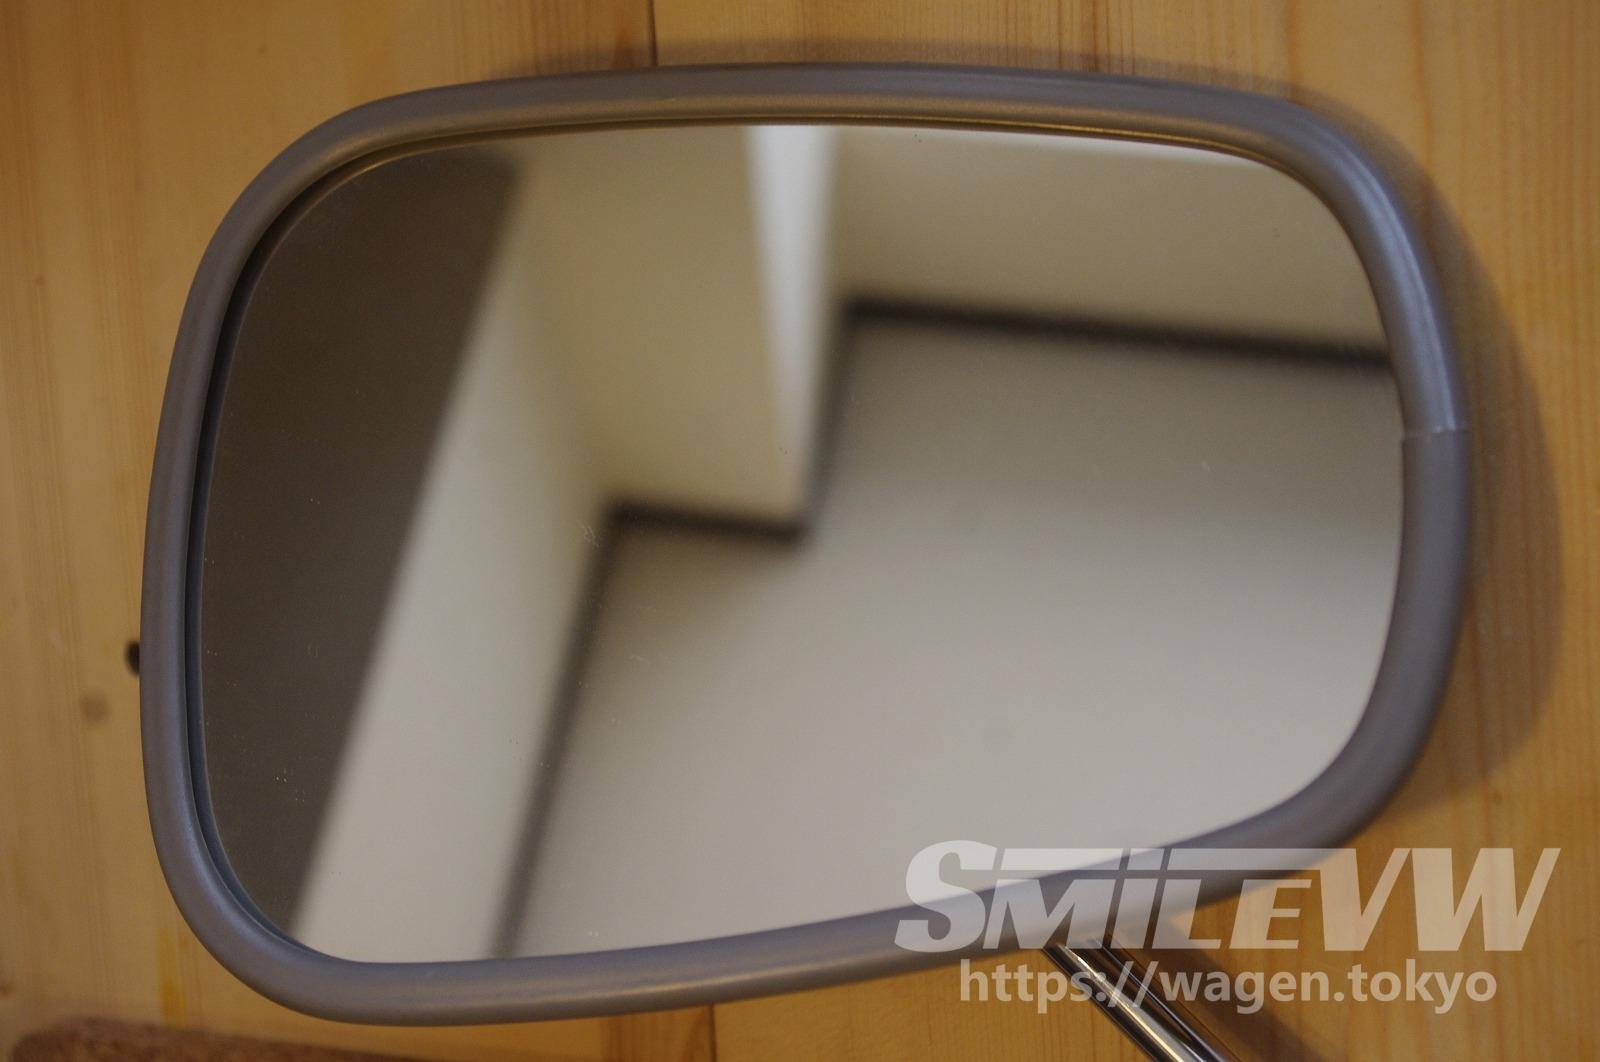 平面鏡ロスコミラー